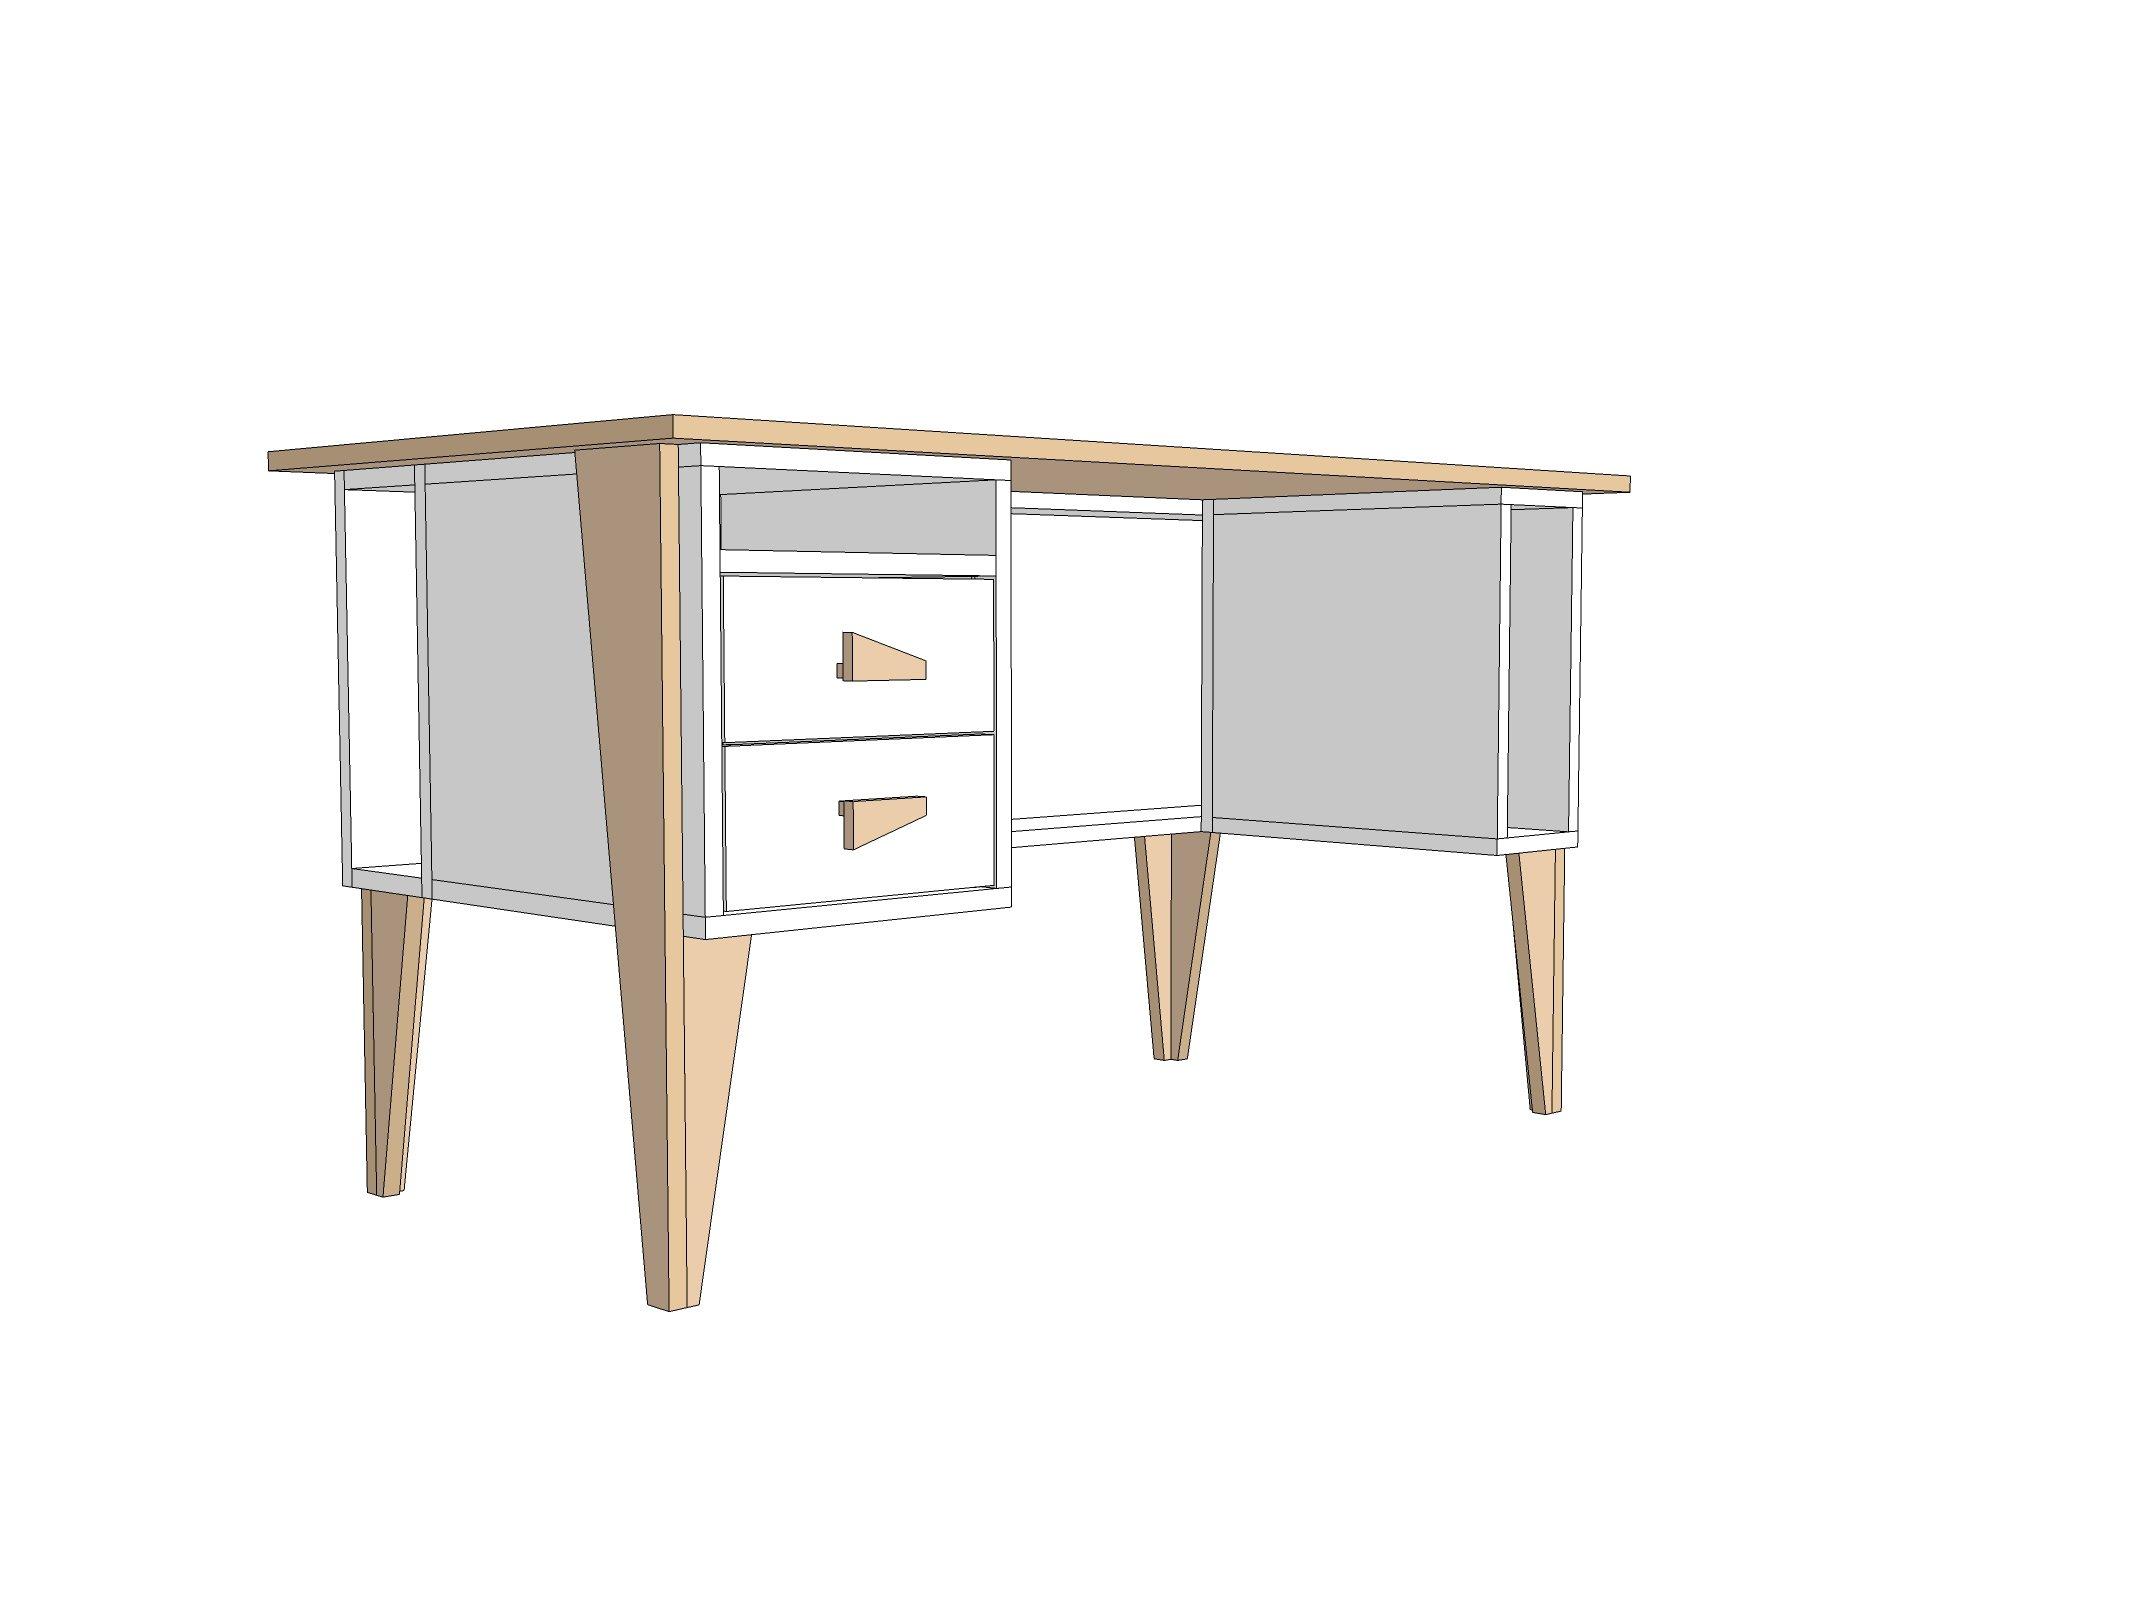 Neo eko meubelwerktekening archieven nieuw eken ontwerp for Zelf keukenontwerp maken